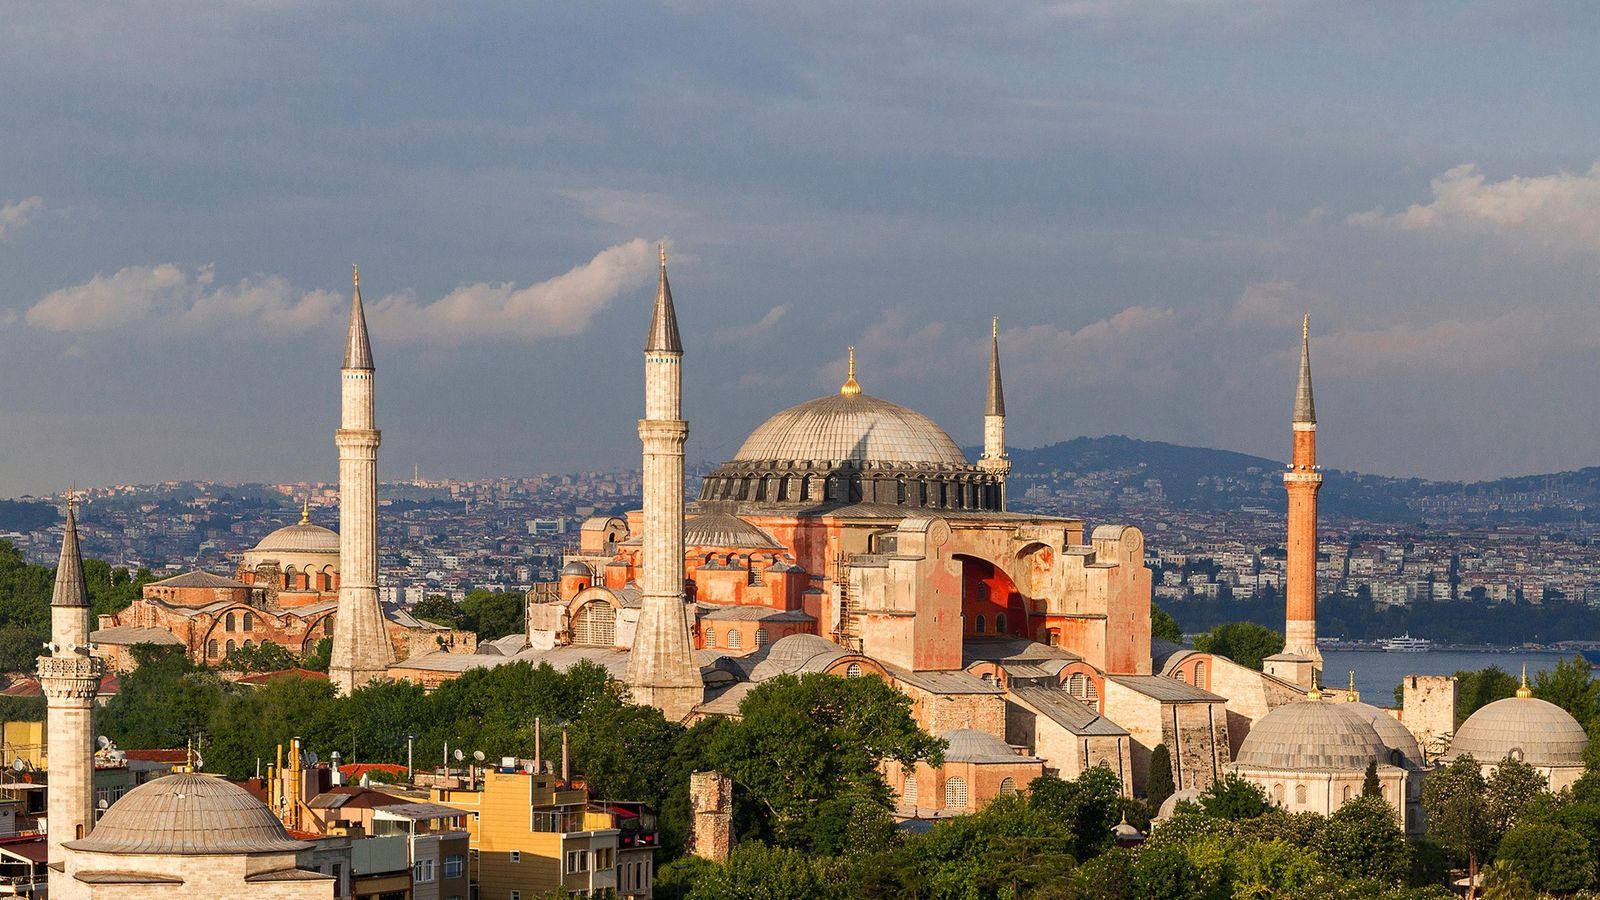 La basilique Sainte Sophie, l'une des merveilles architecturales, se dresse près du détroit du Bosphore à ...